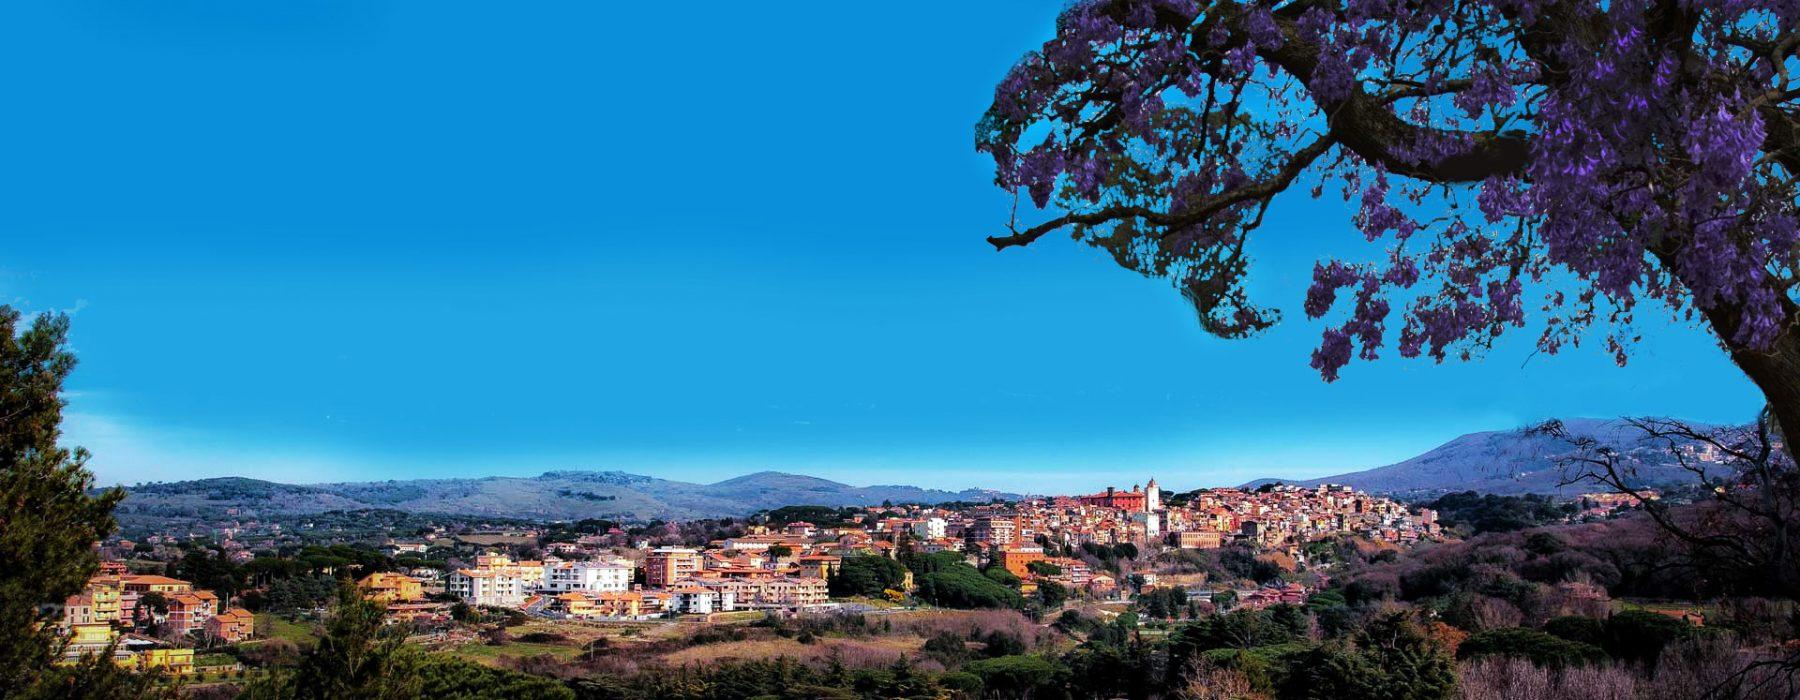 Marino, fascinante y sugestiva como una pintura antigua